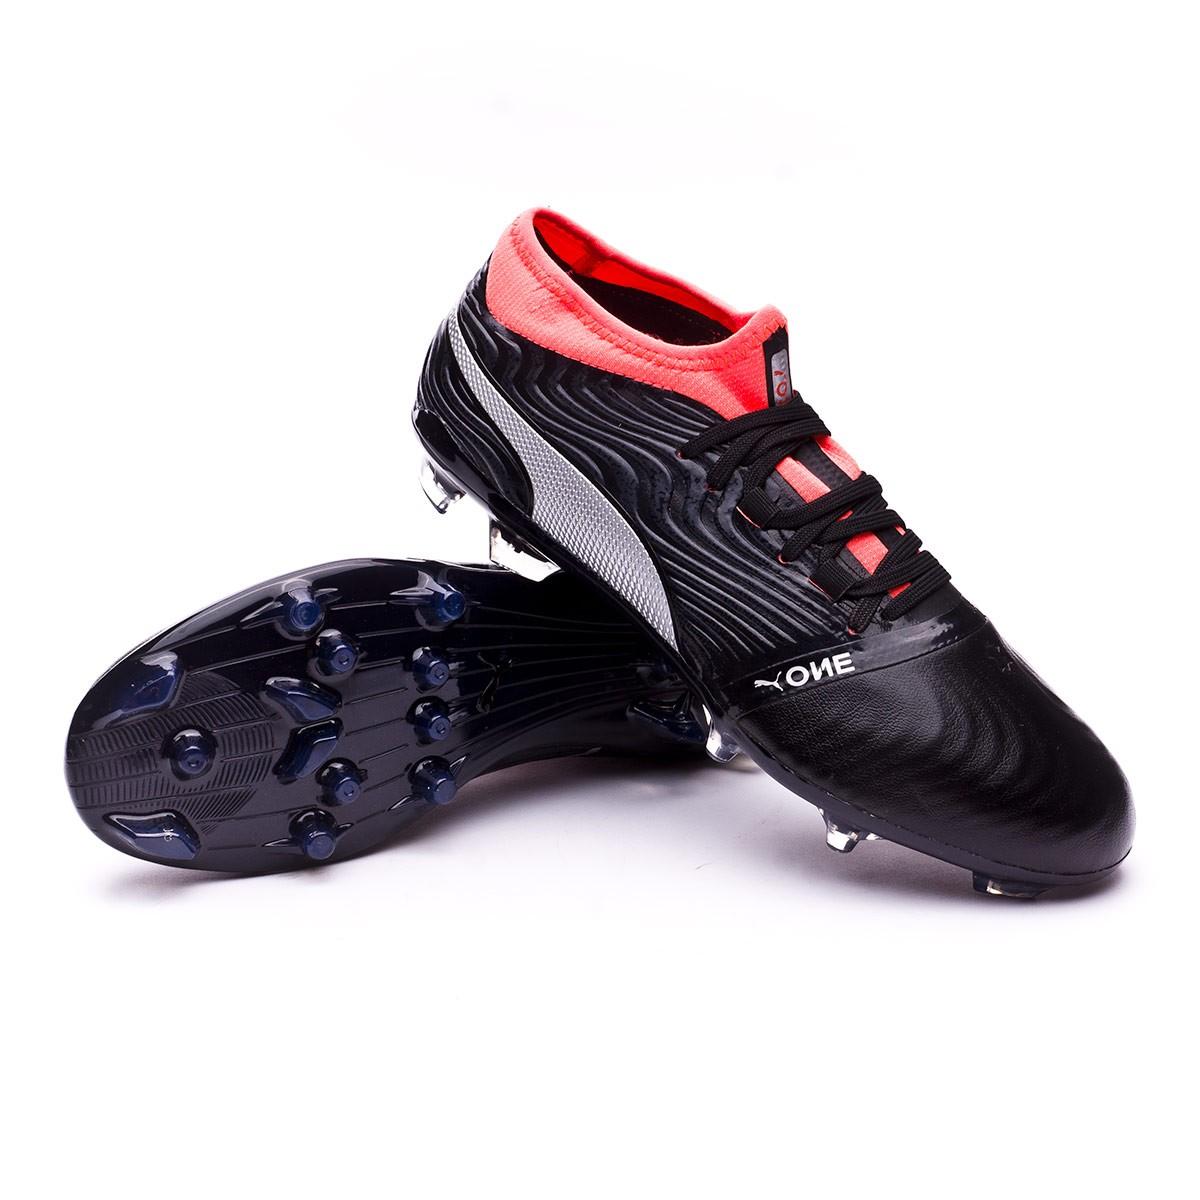 2puma junior scarpe